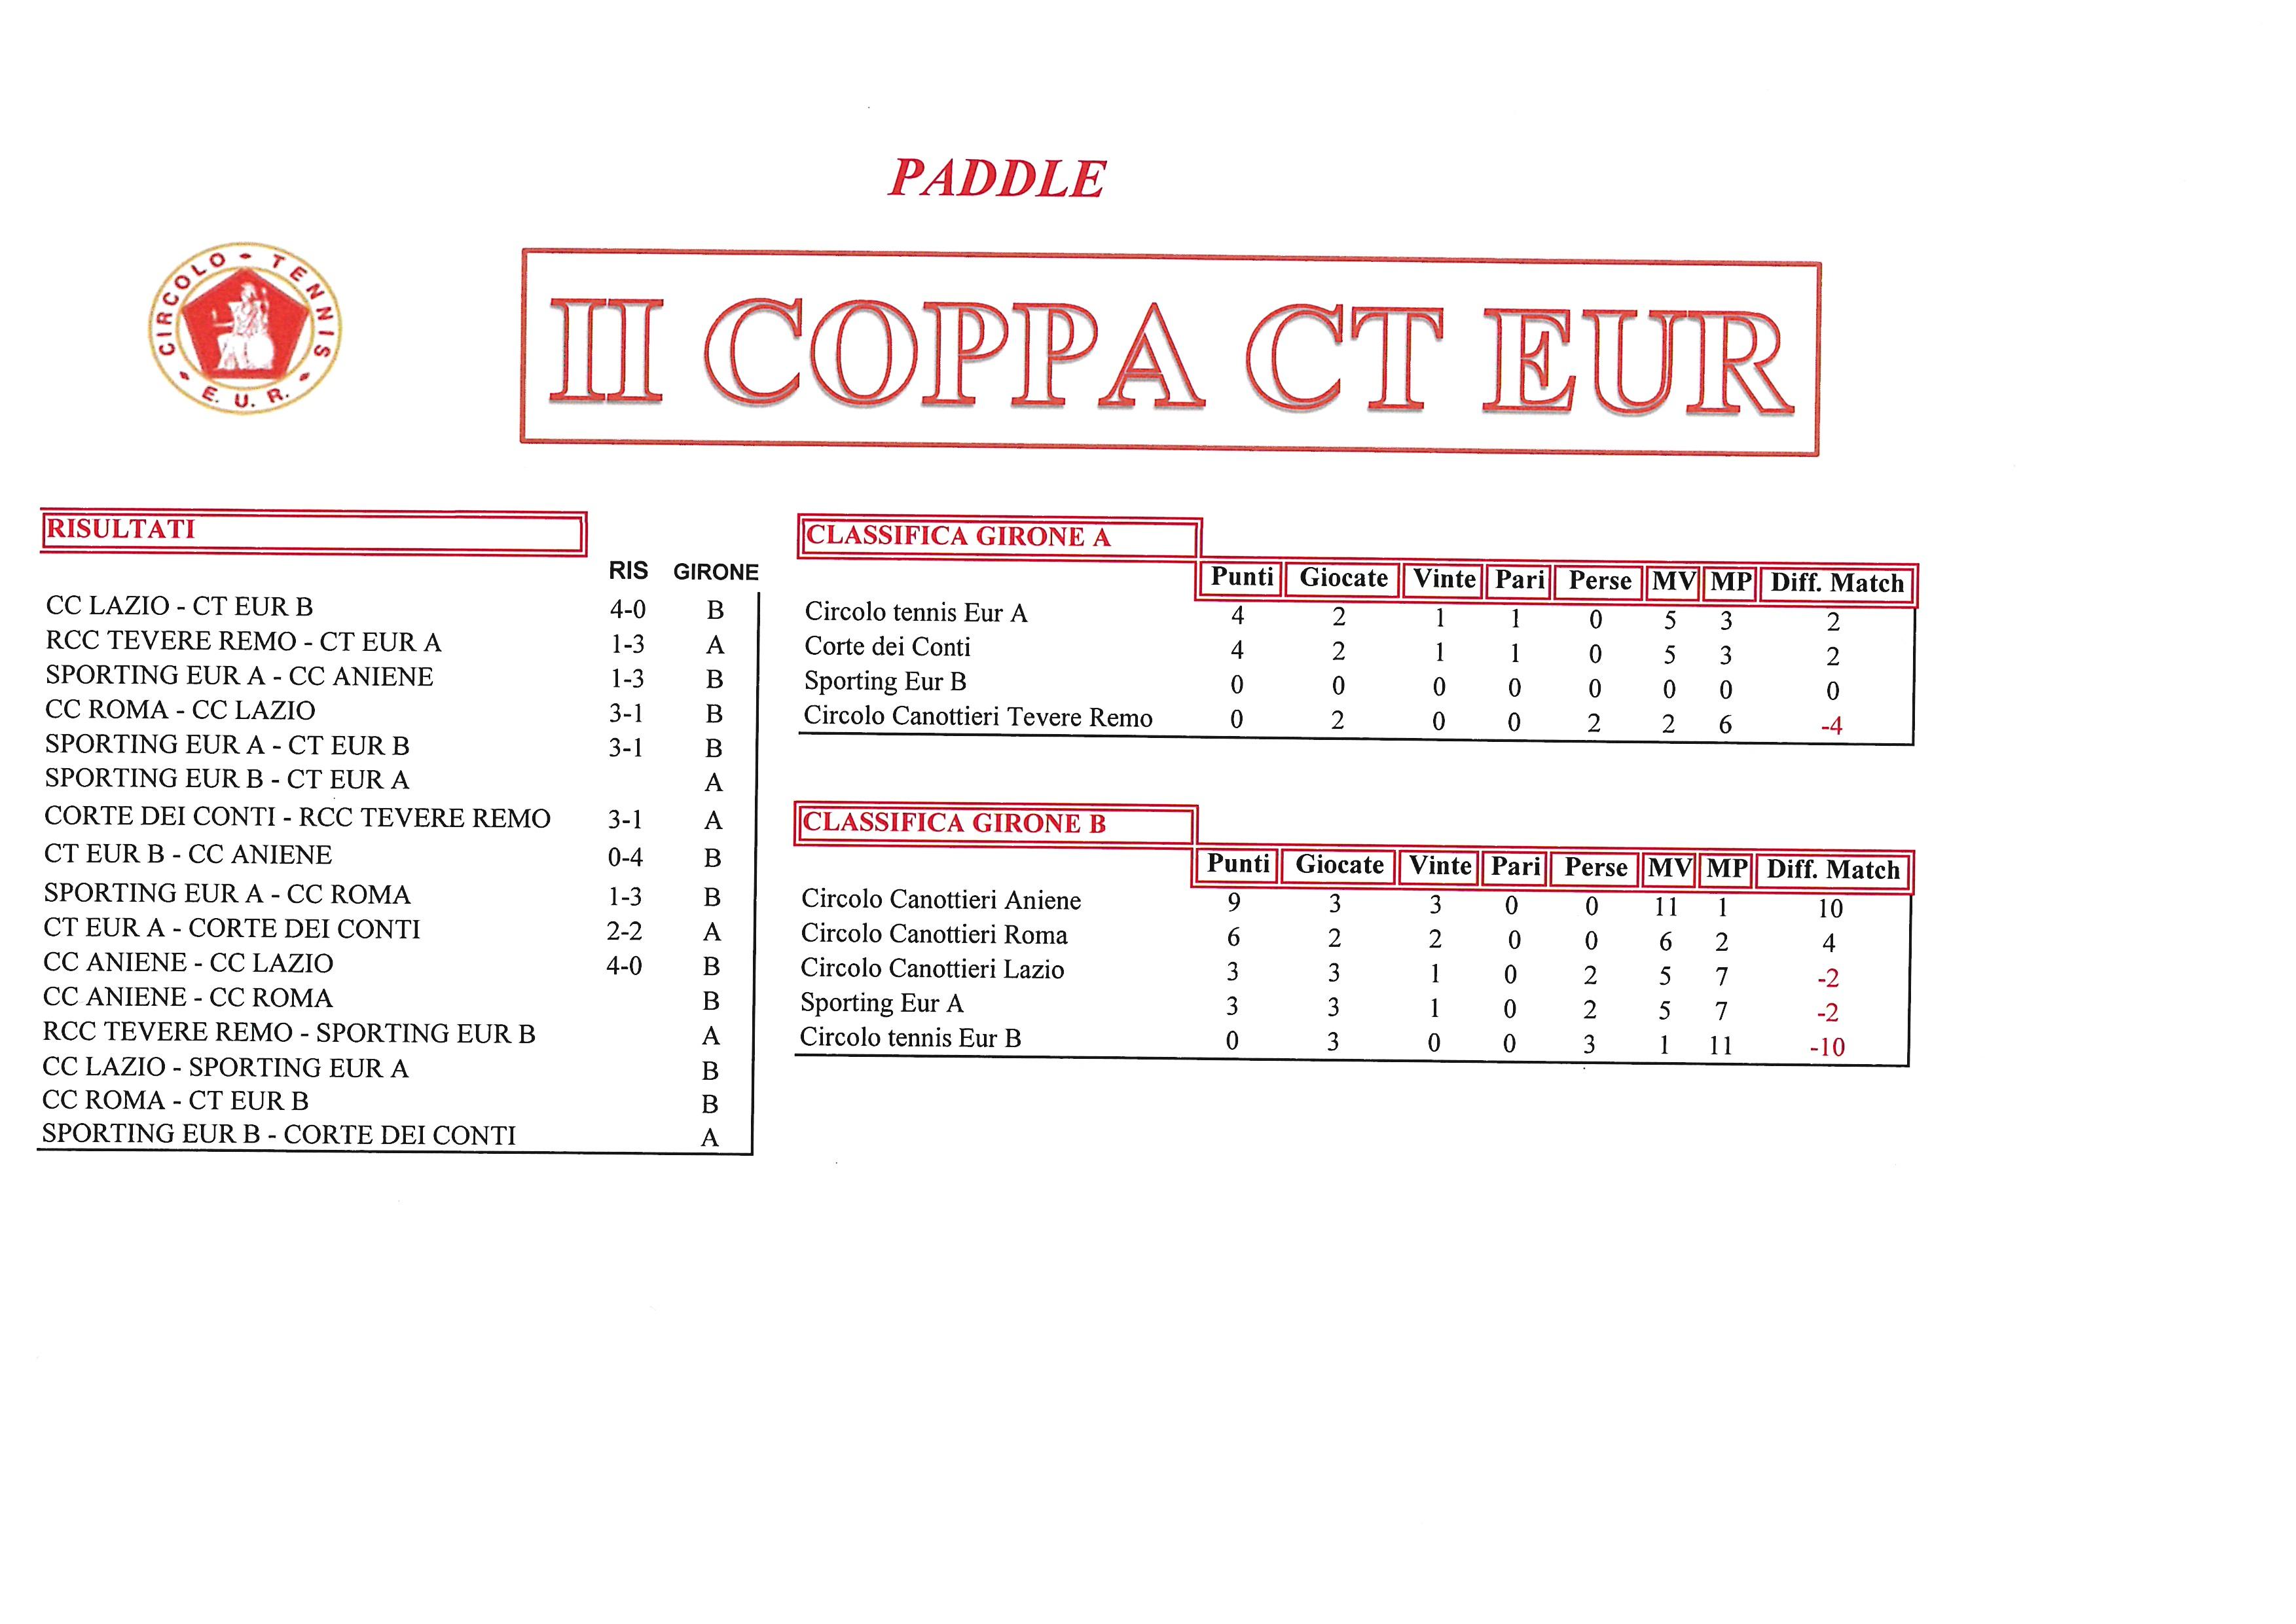 Coppa-CT-Eur-risultati-del-2-ottobre-2017-Paddle